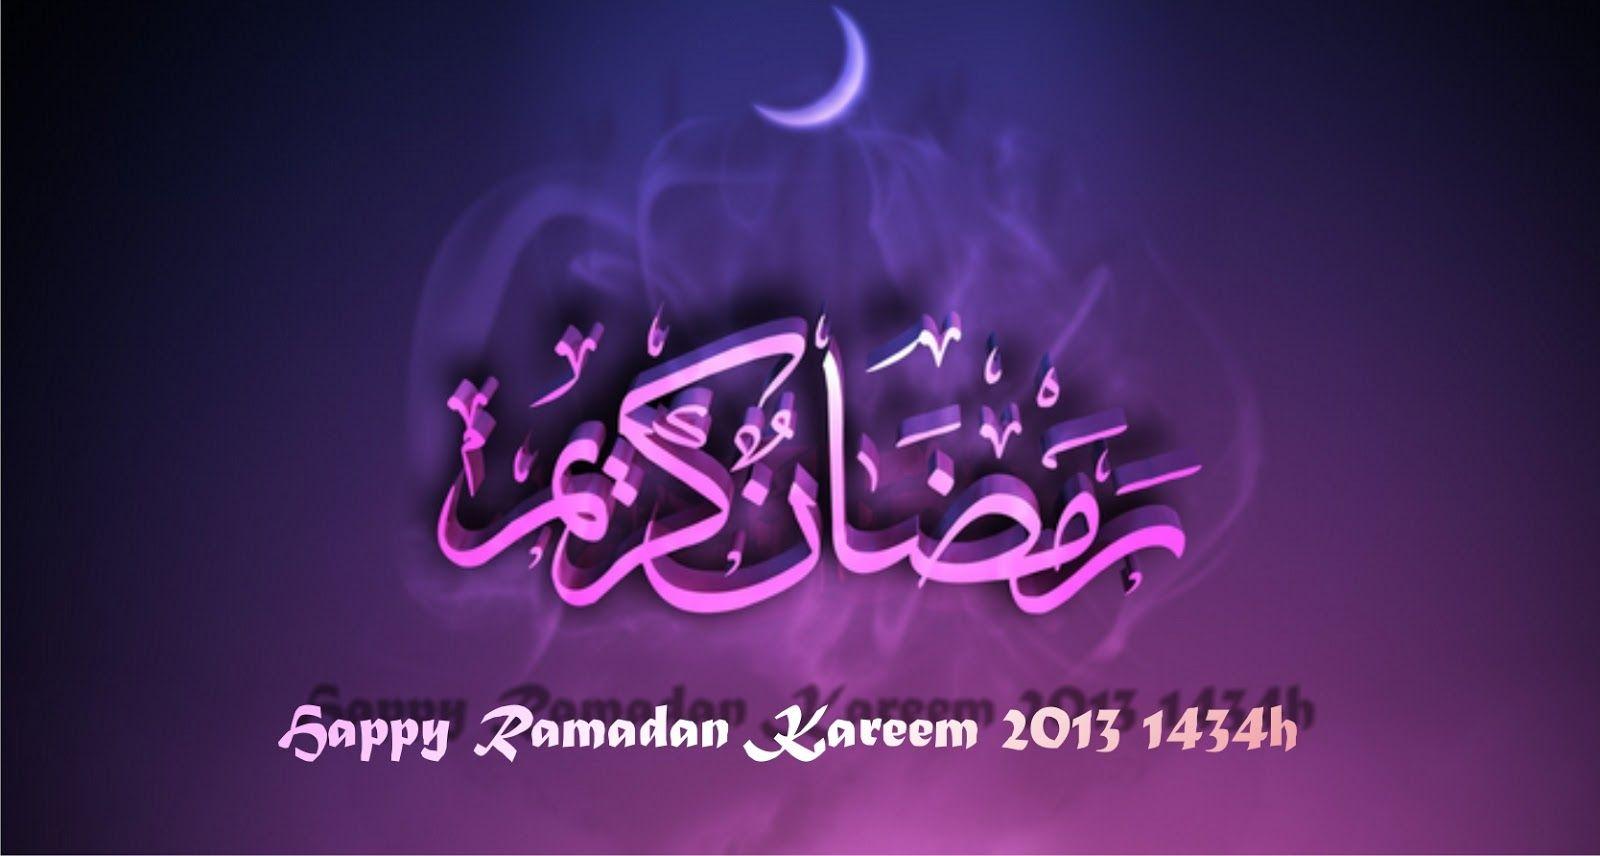 Ramadan Mubarak 1434 Welcome Link Http Www Gethdimage Com Ramadan Mubarak 1434 Welcome Ramadan Kareem Ramadan Wallpaper Hd Ramadan